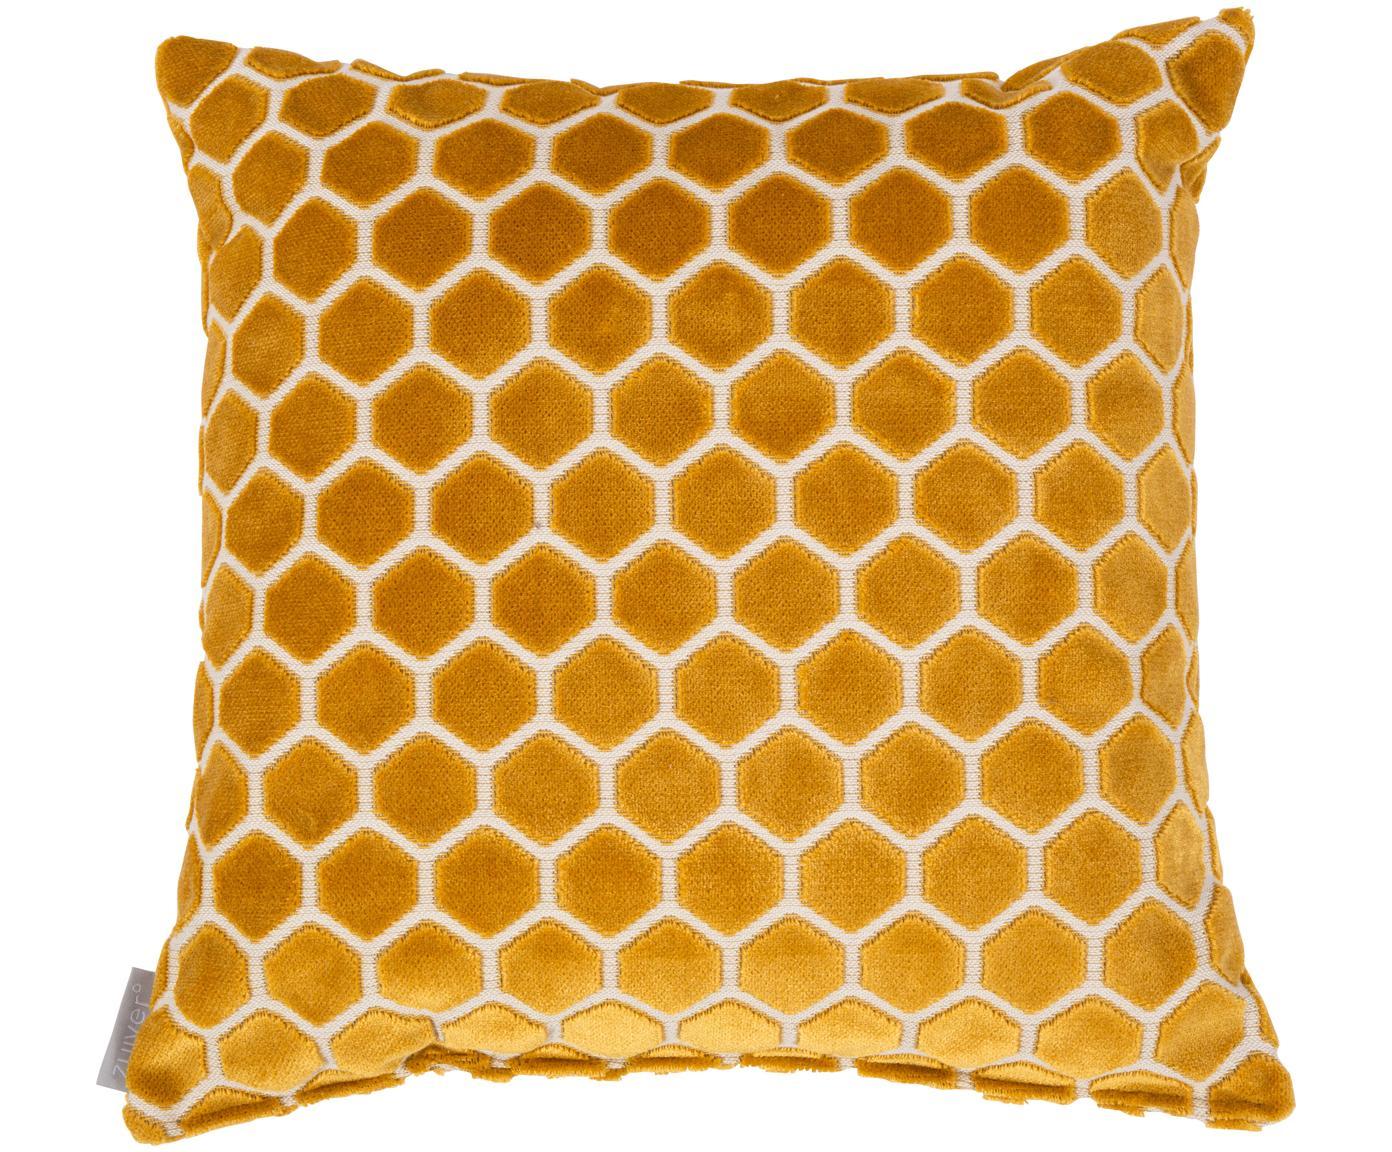 Kussen Monty met grafisch structuurpatroon, met vulling, Geel, wit, 45 x 45 cm